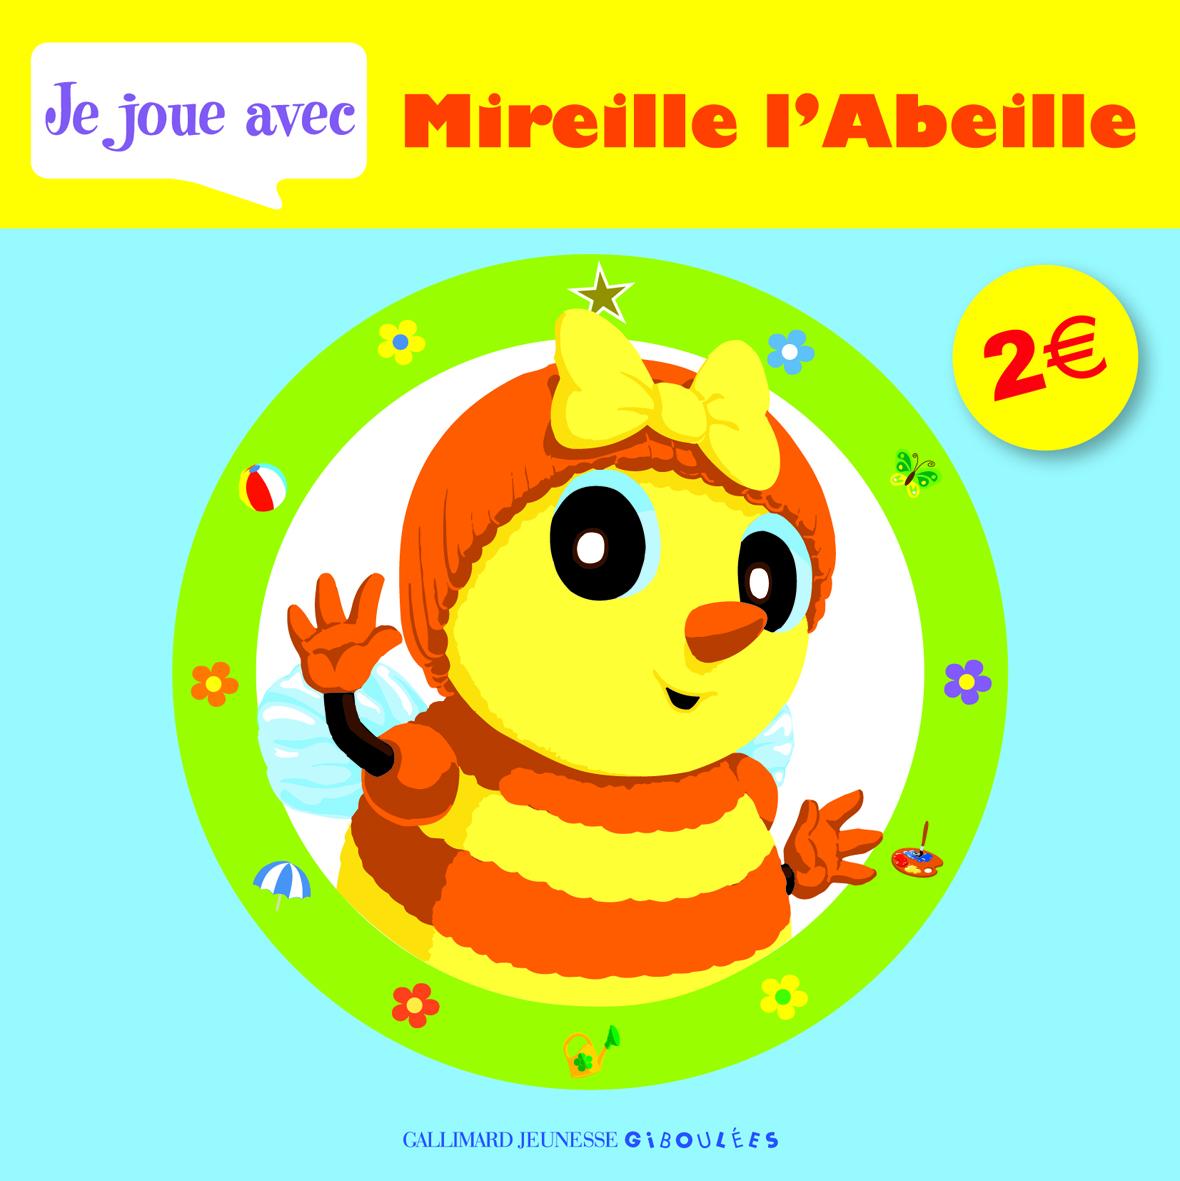 Coloriage Mireille Labeille.Je Joue Avec Mireille L Abeille Je Joue Avec Droles